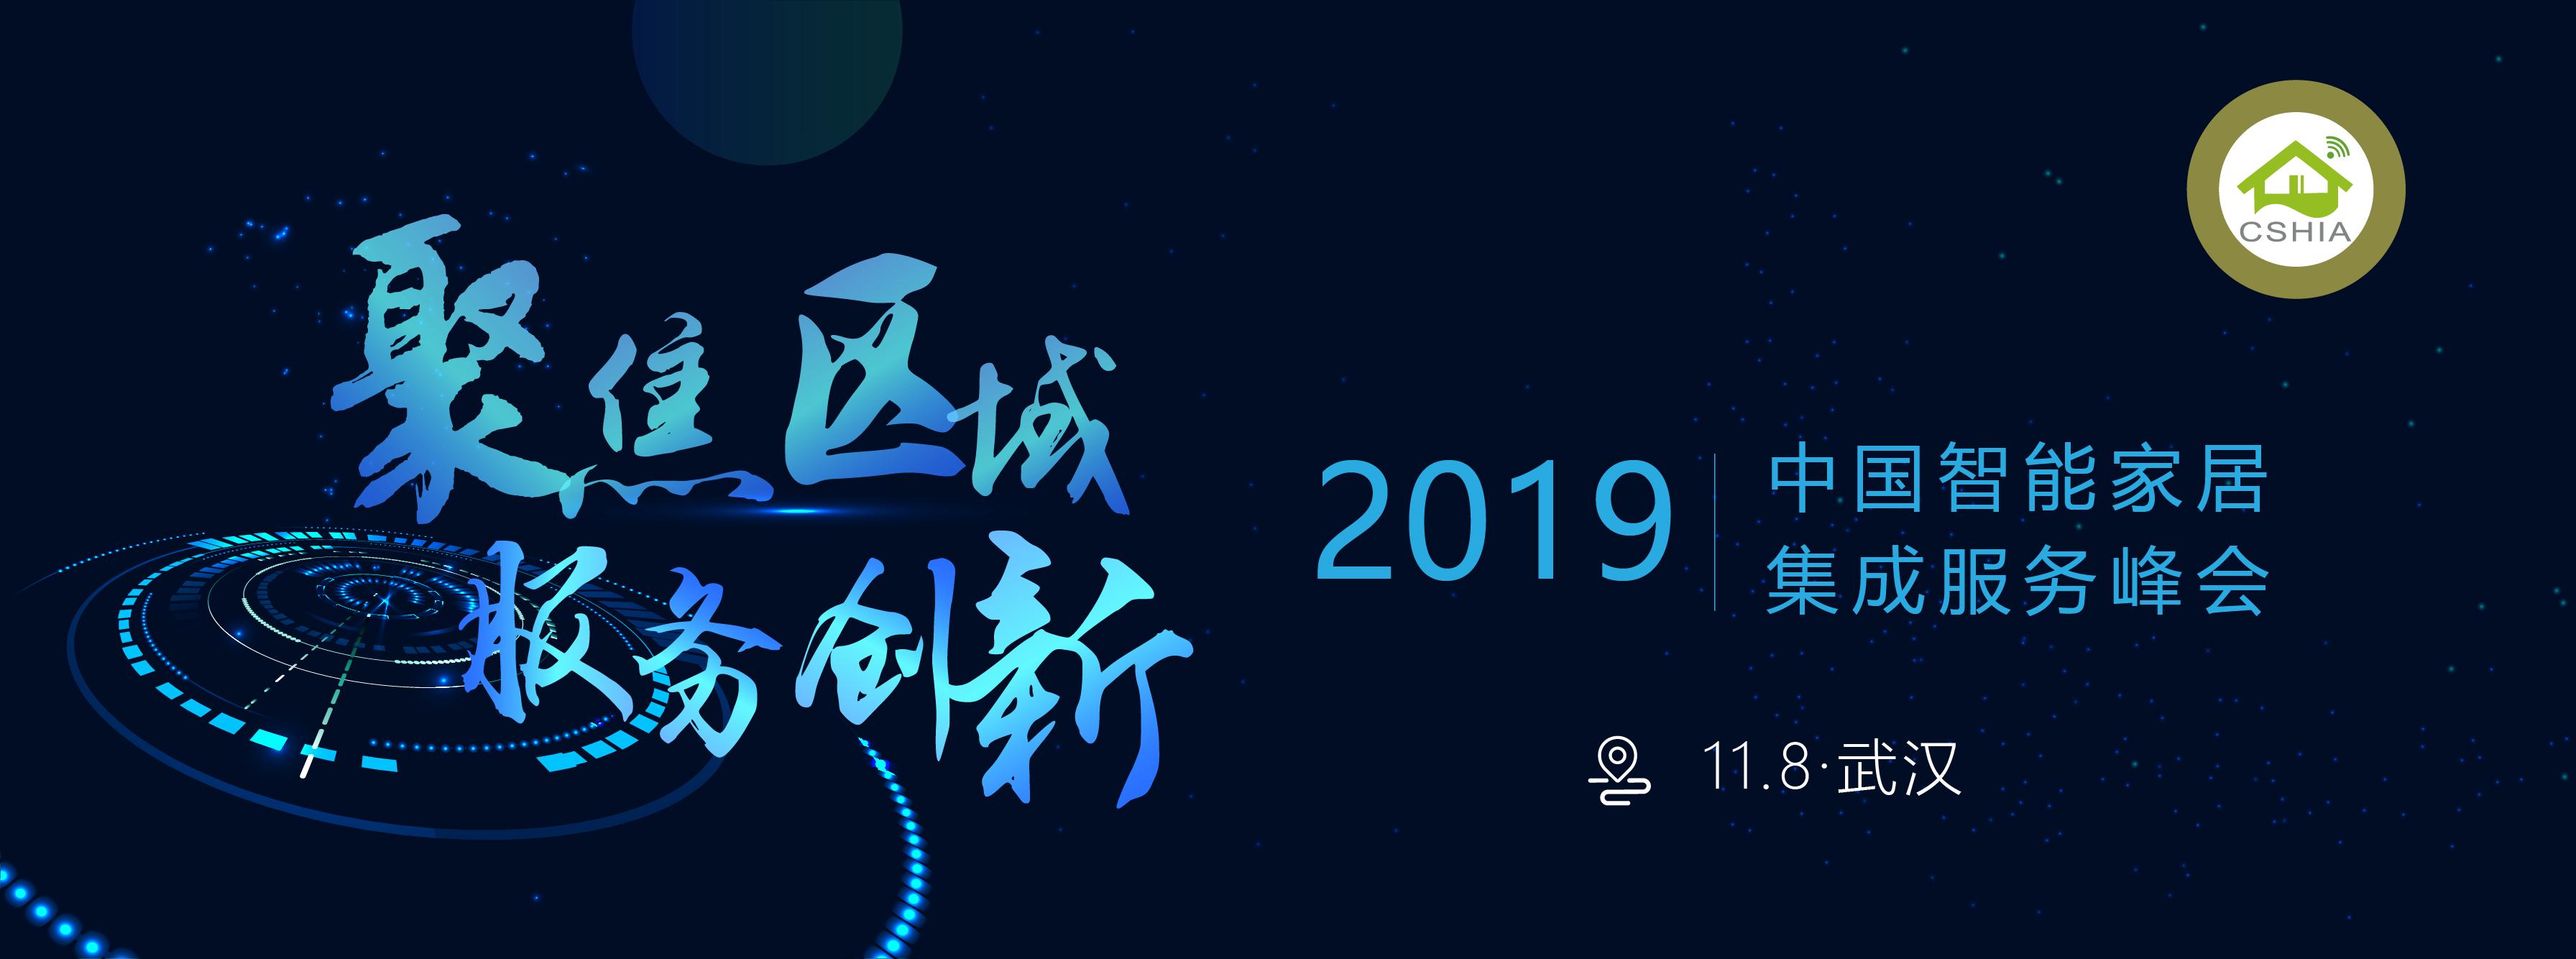 2019 中国智能家居集成服务峰会•武汉站